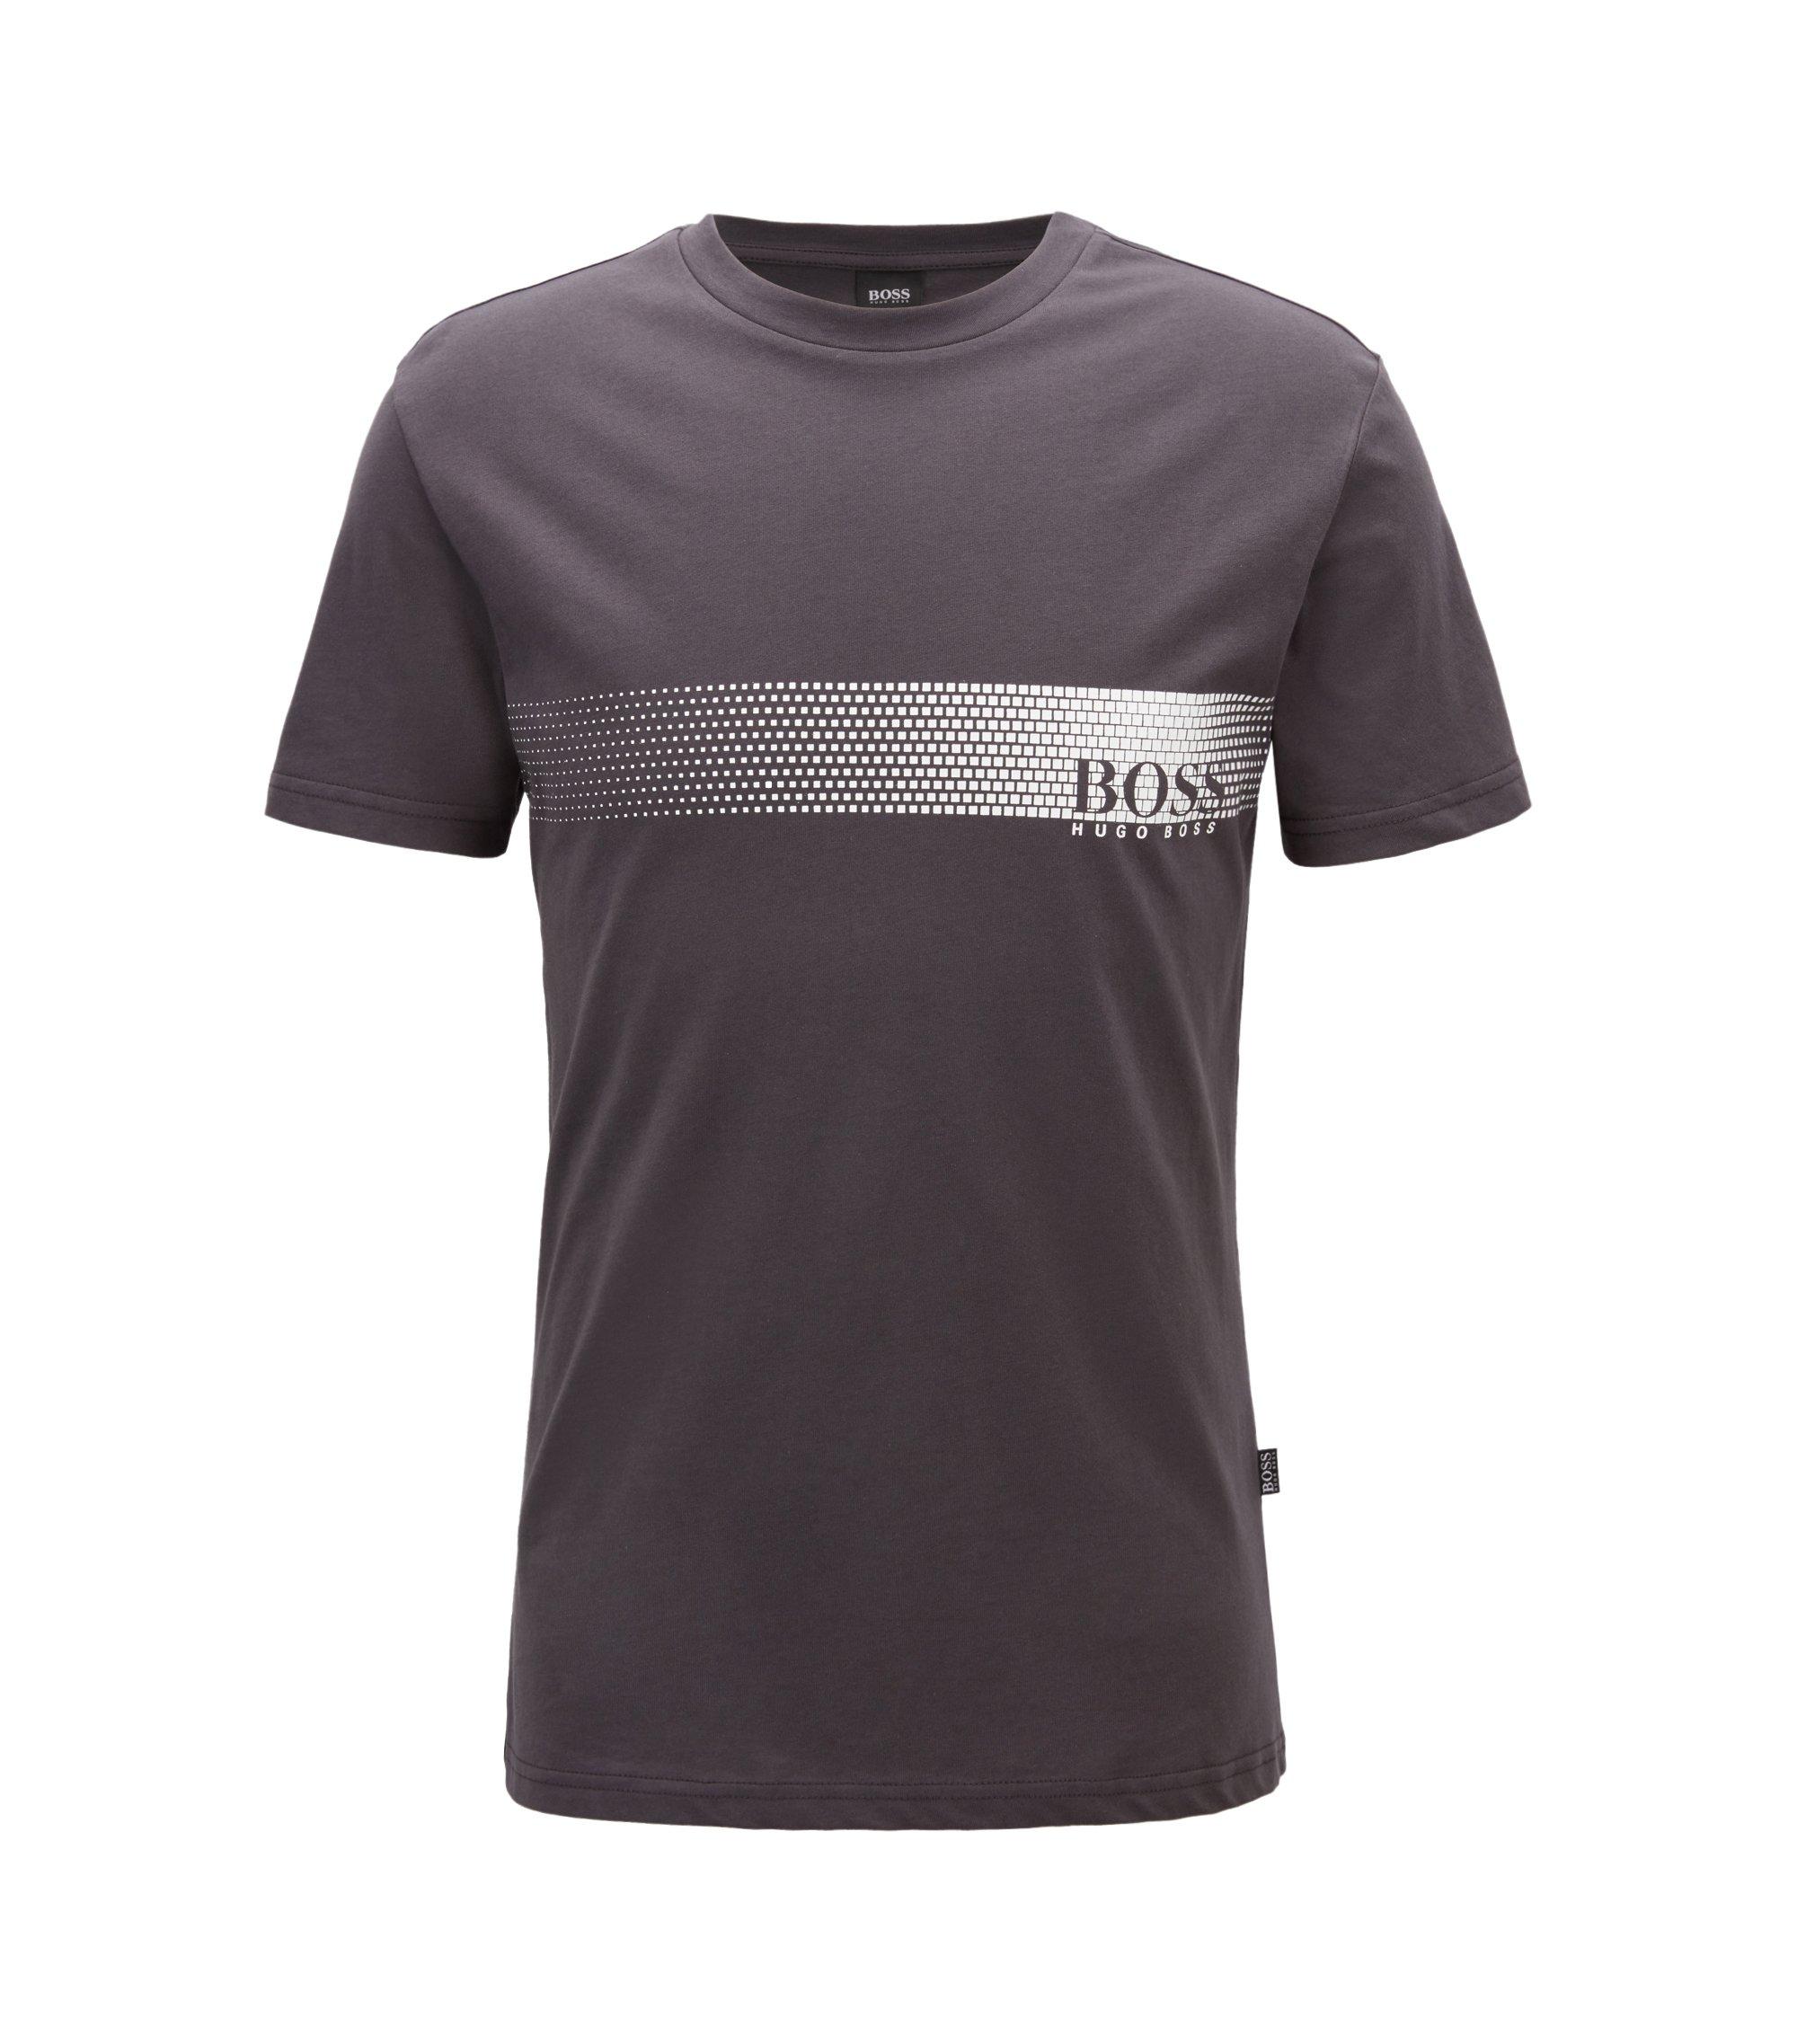 T-Shirt aus Baumwolle mit Logo-Print und Sonnenschutz, Anthrazit